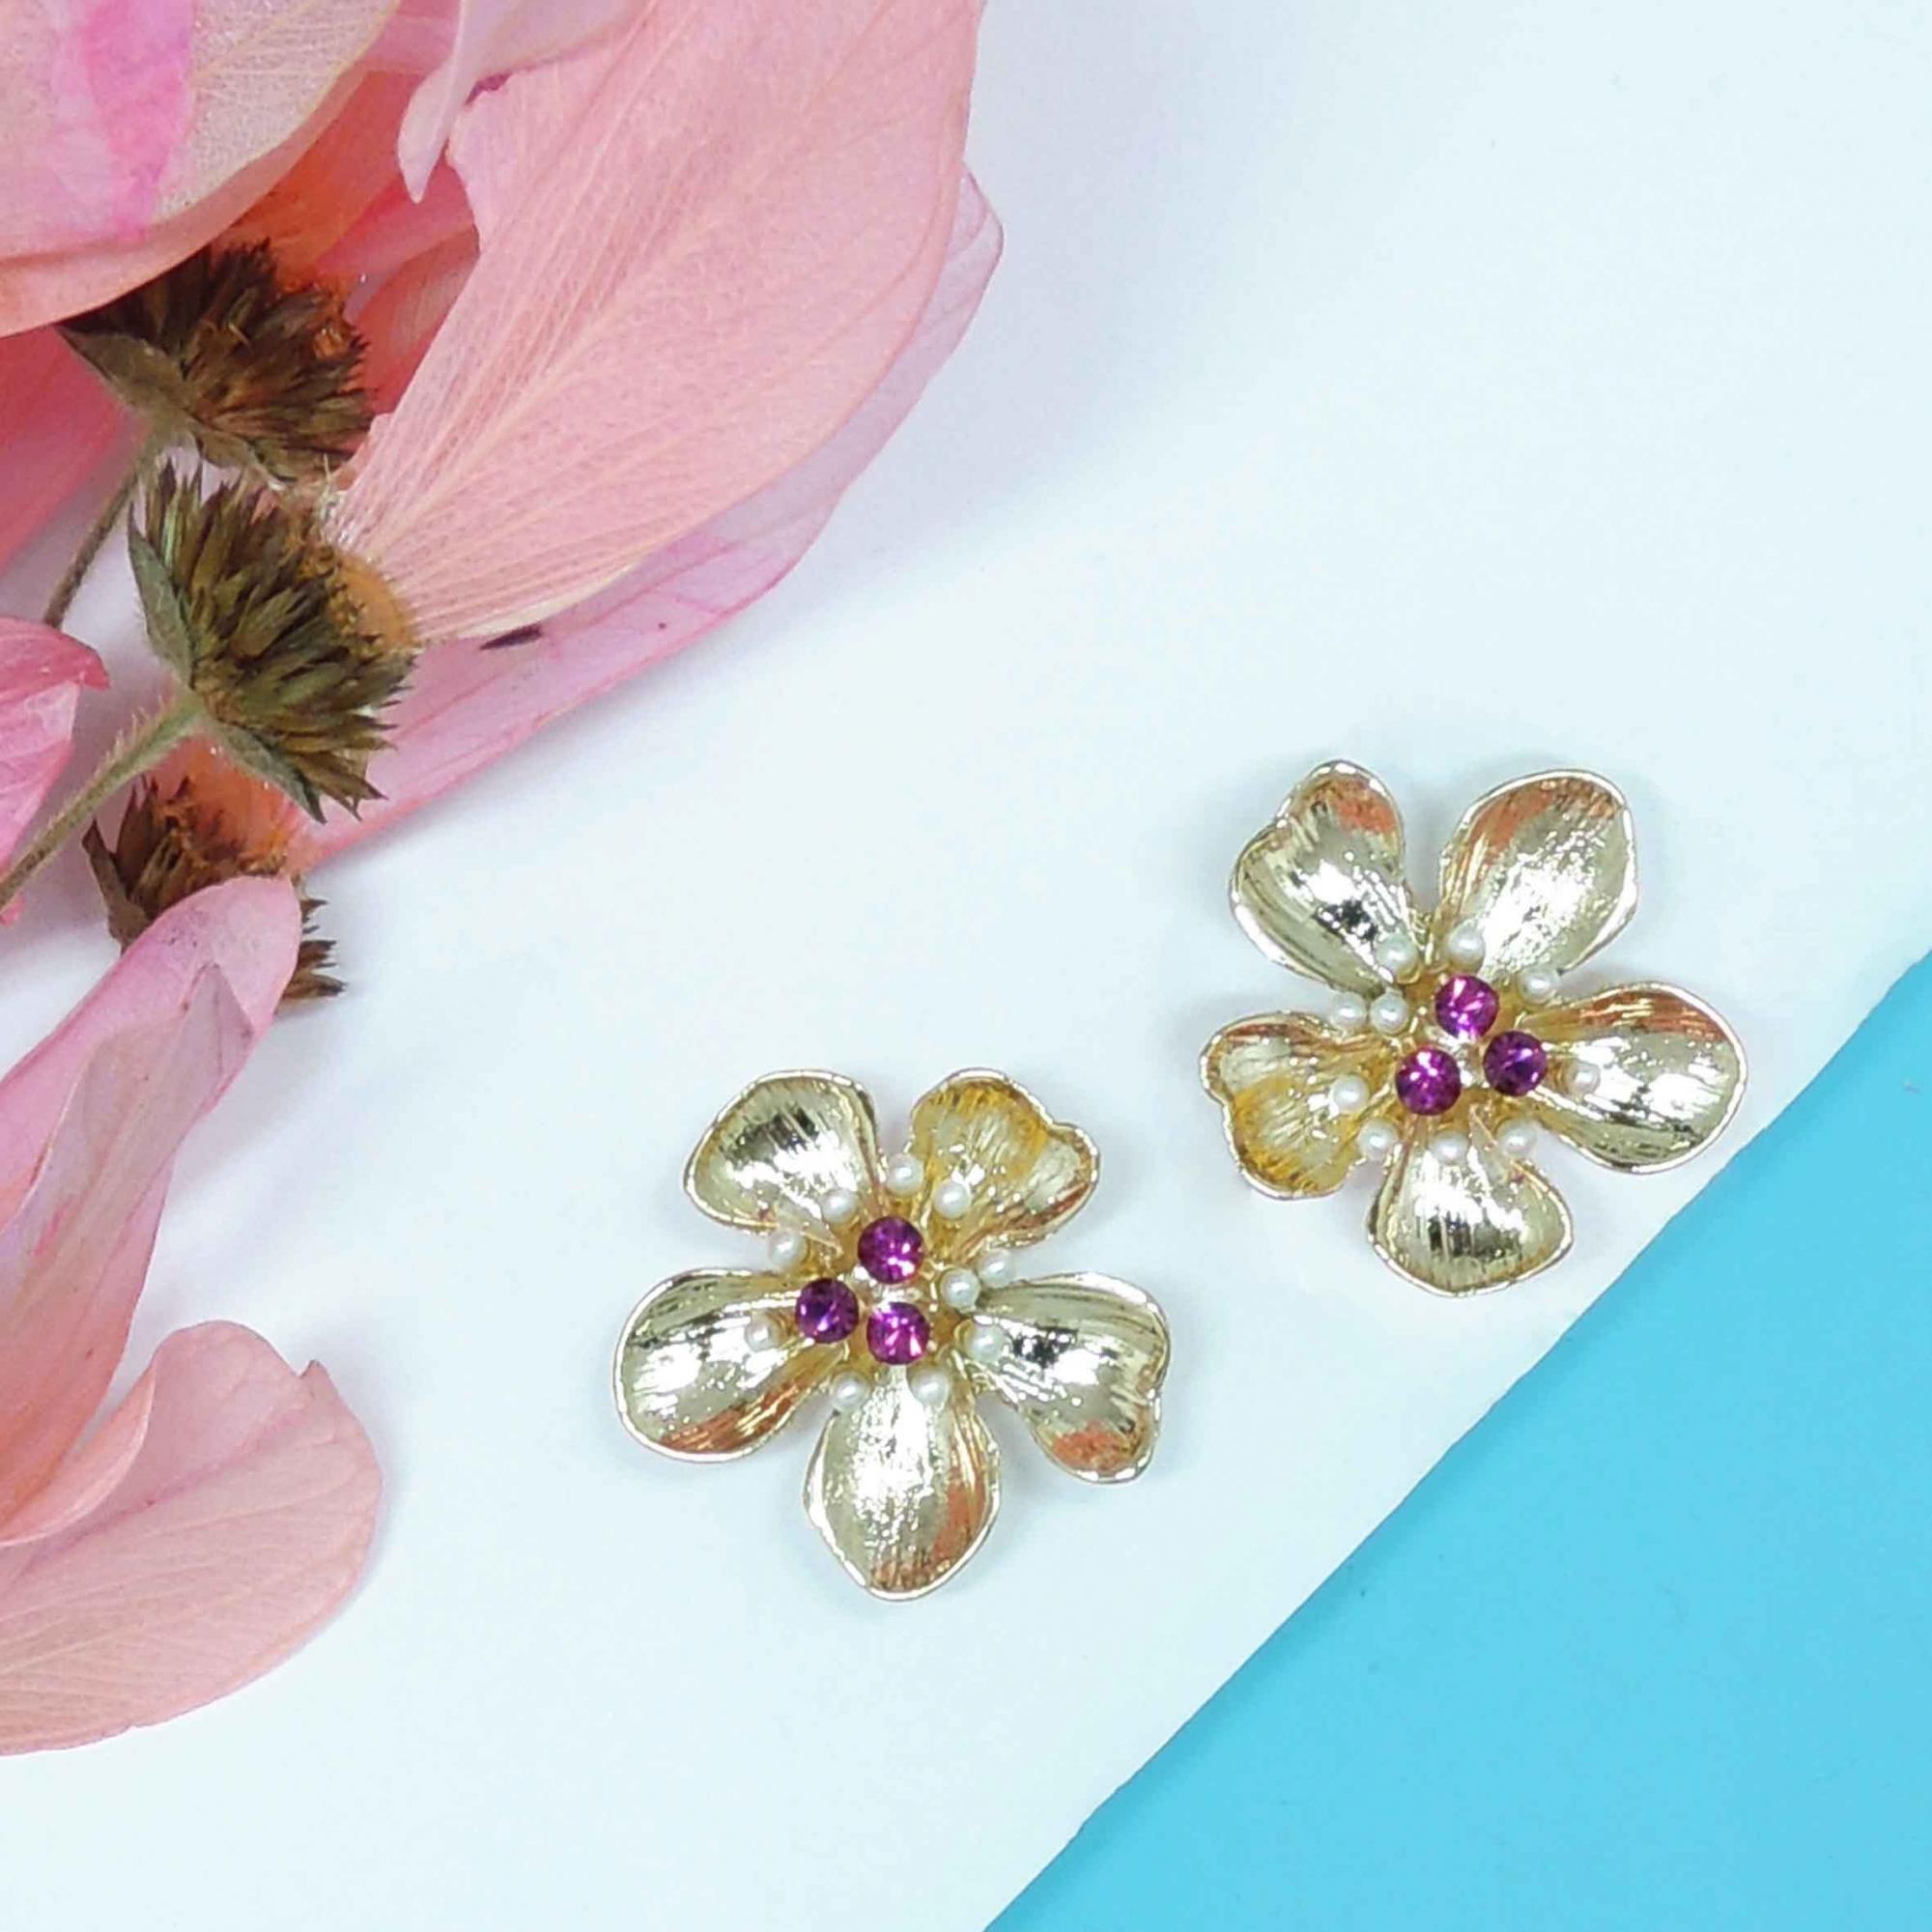 Brinco pequeno de flor com aplicação de pérolas e strss, família fauna